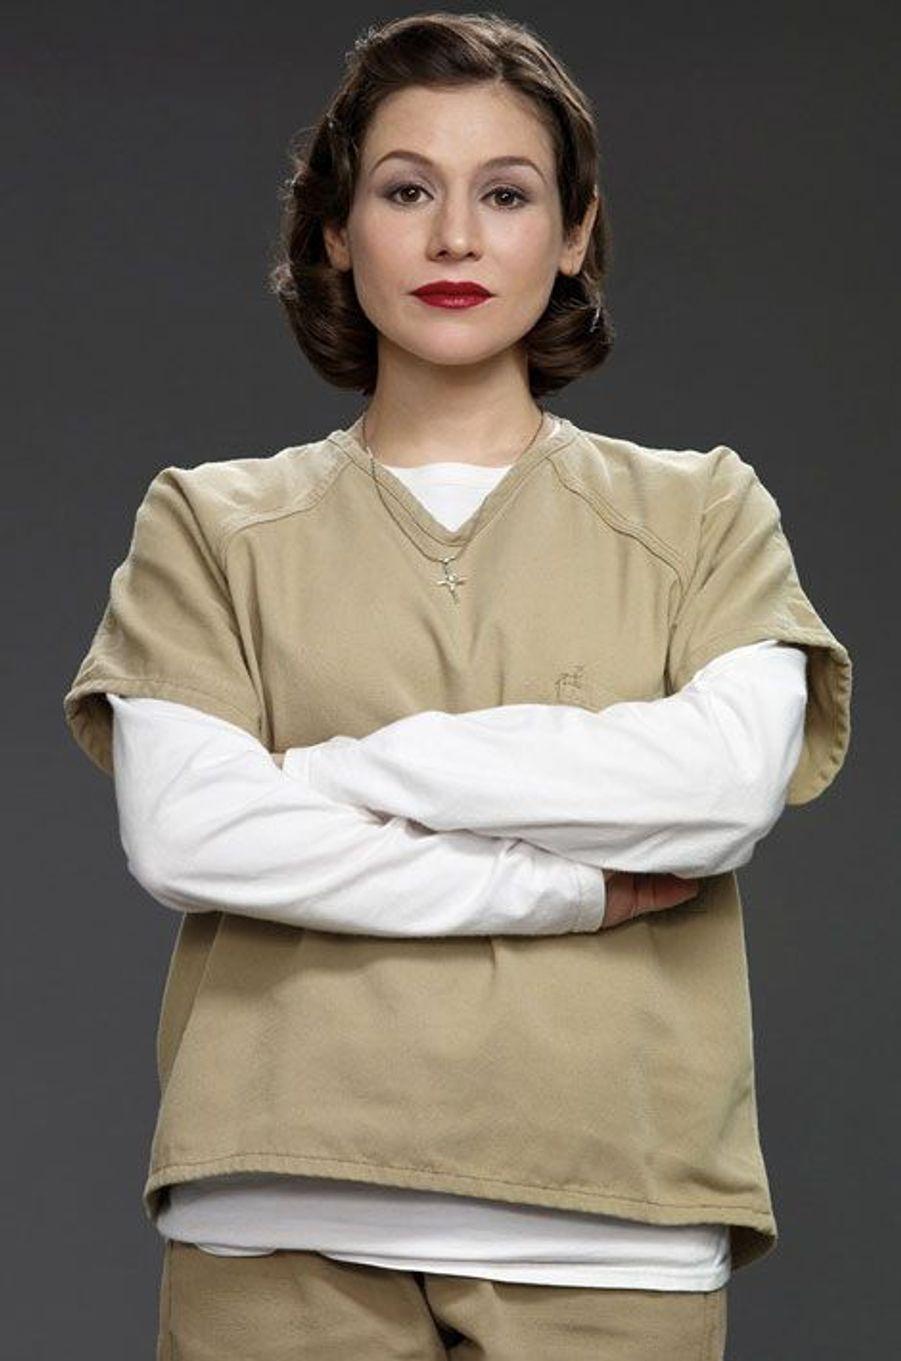 Lorna Morello (Yael Stone)